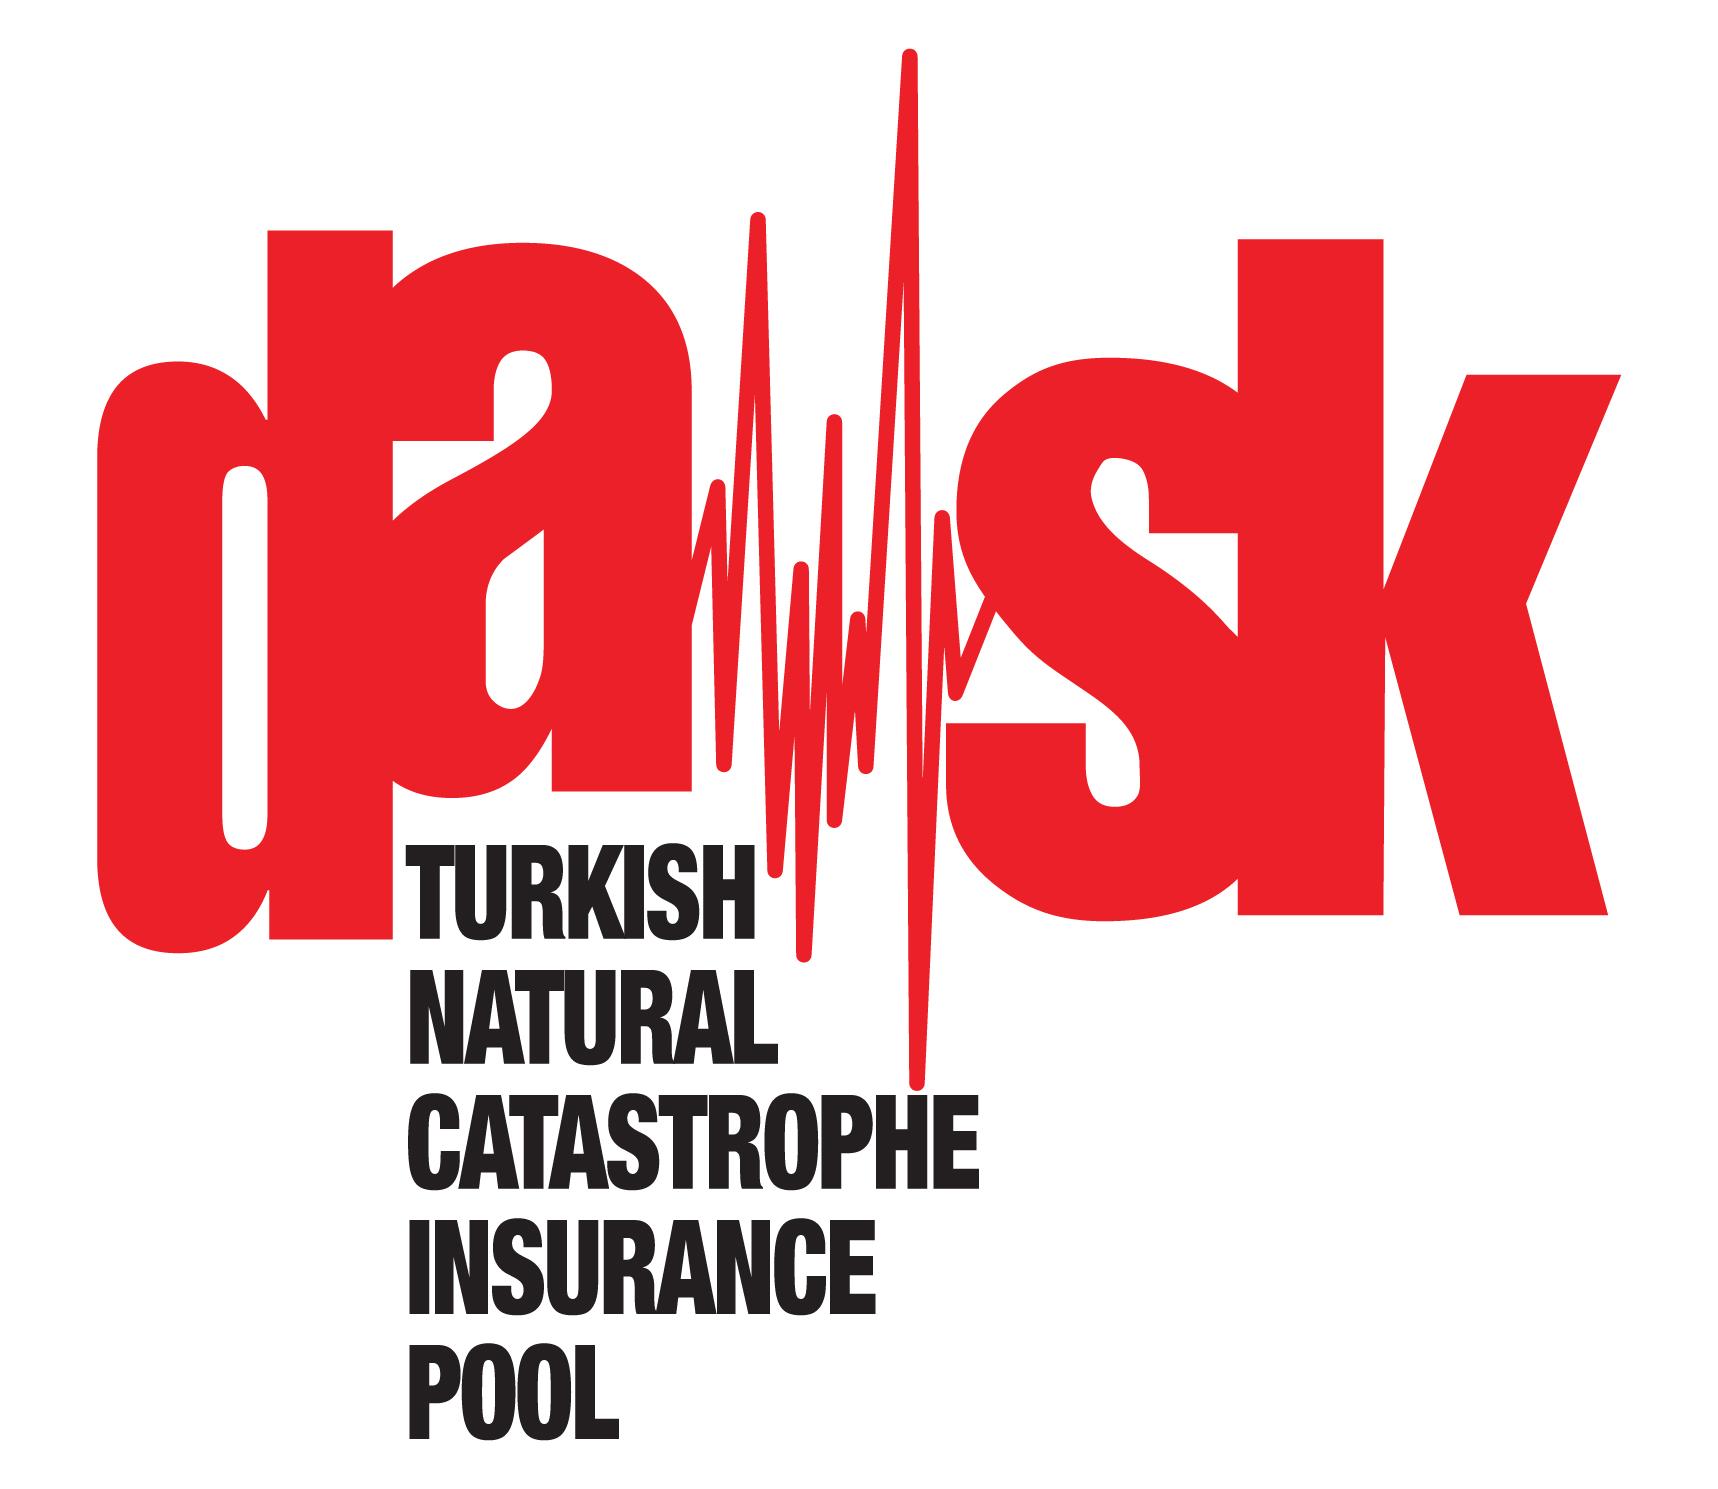 Deprem Hasar ve Risk Yönetiminde Uluslararası Gelişmeler Çalıştayı